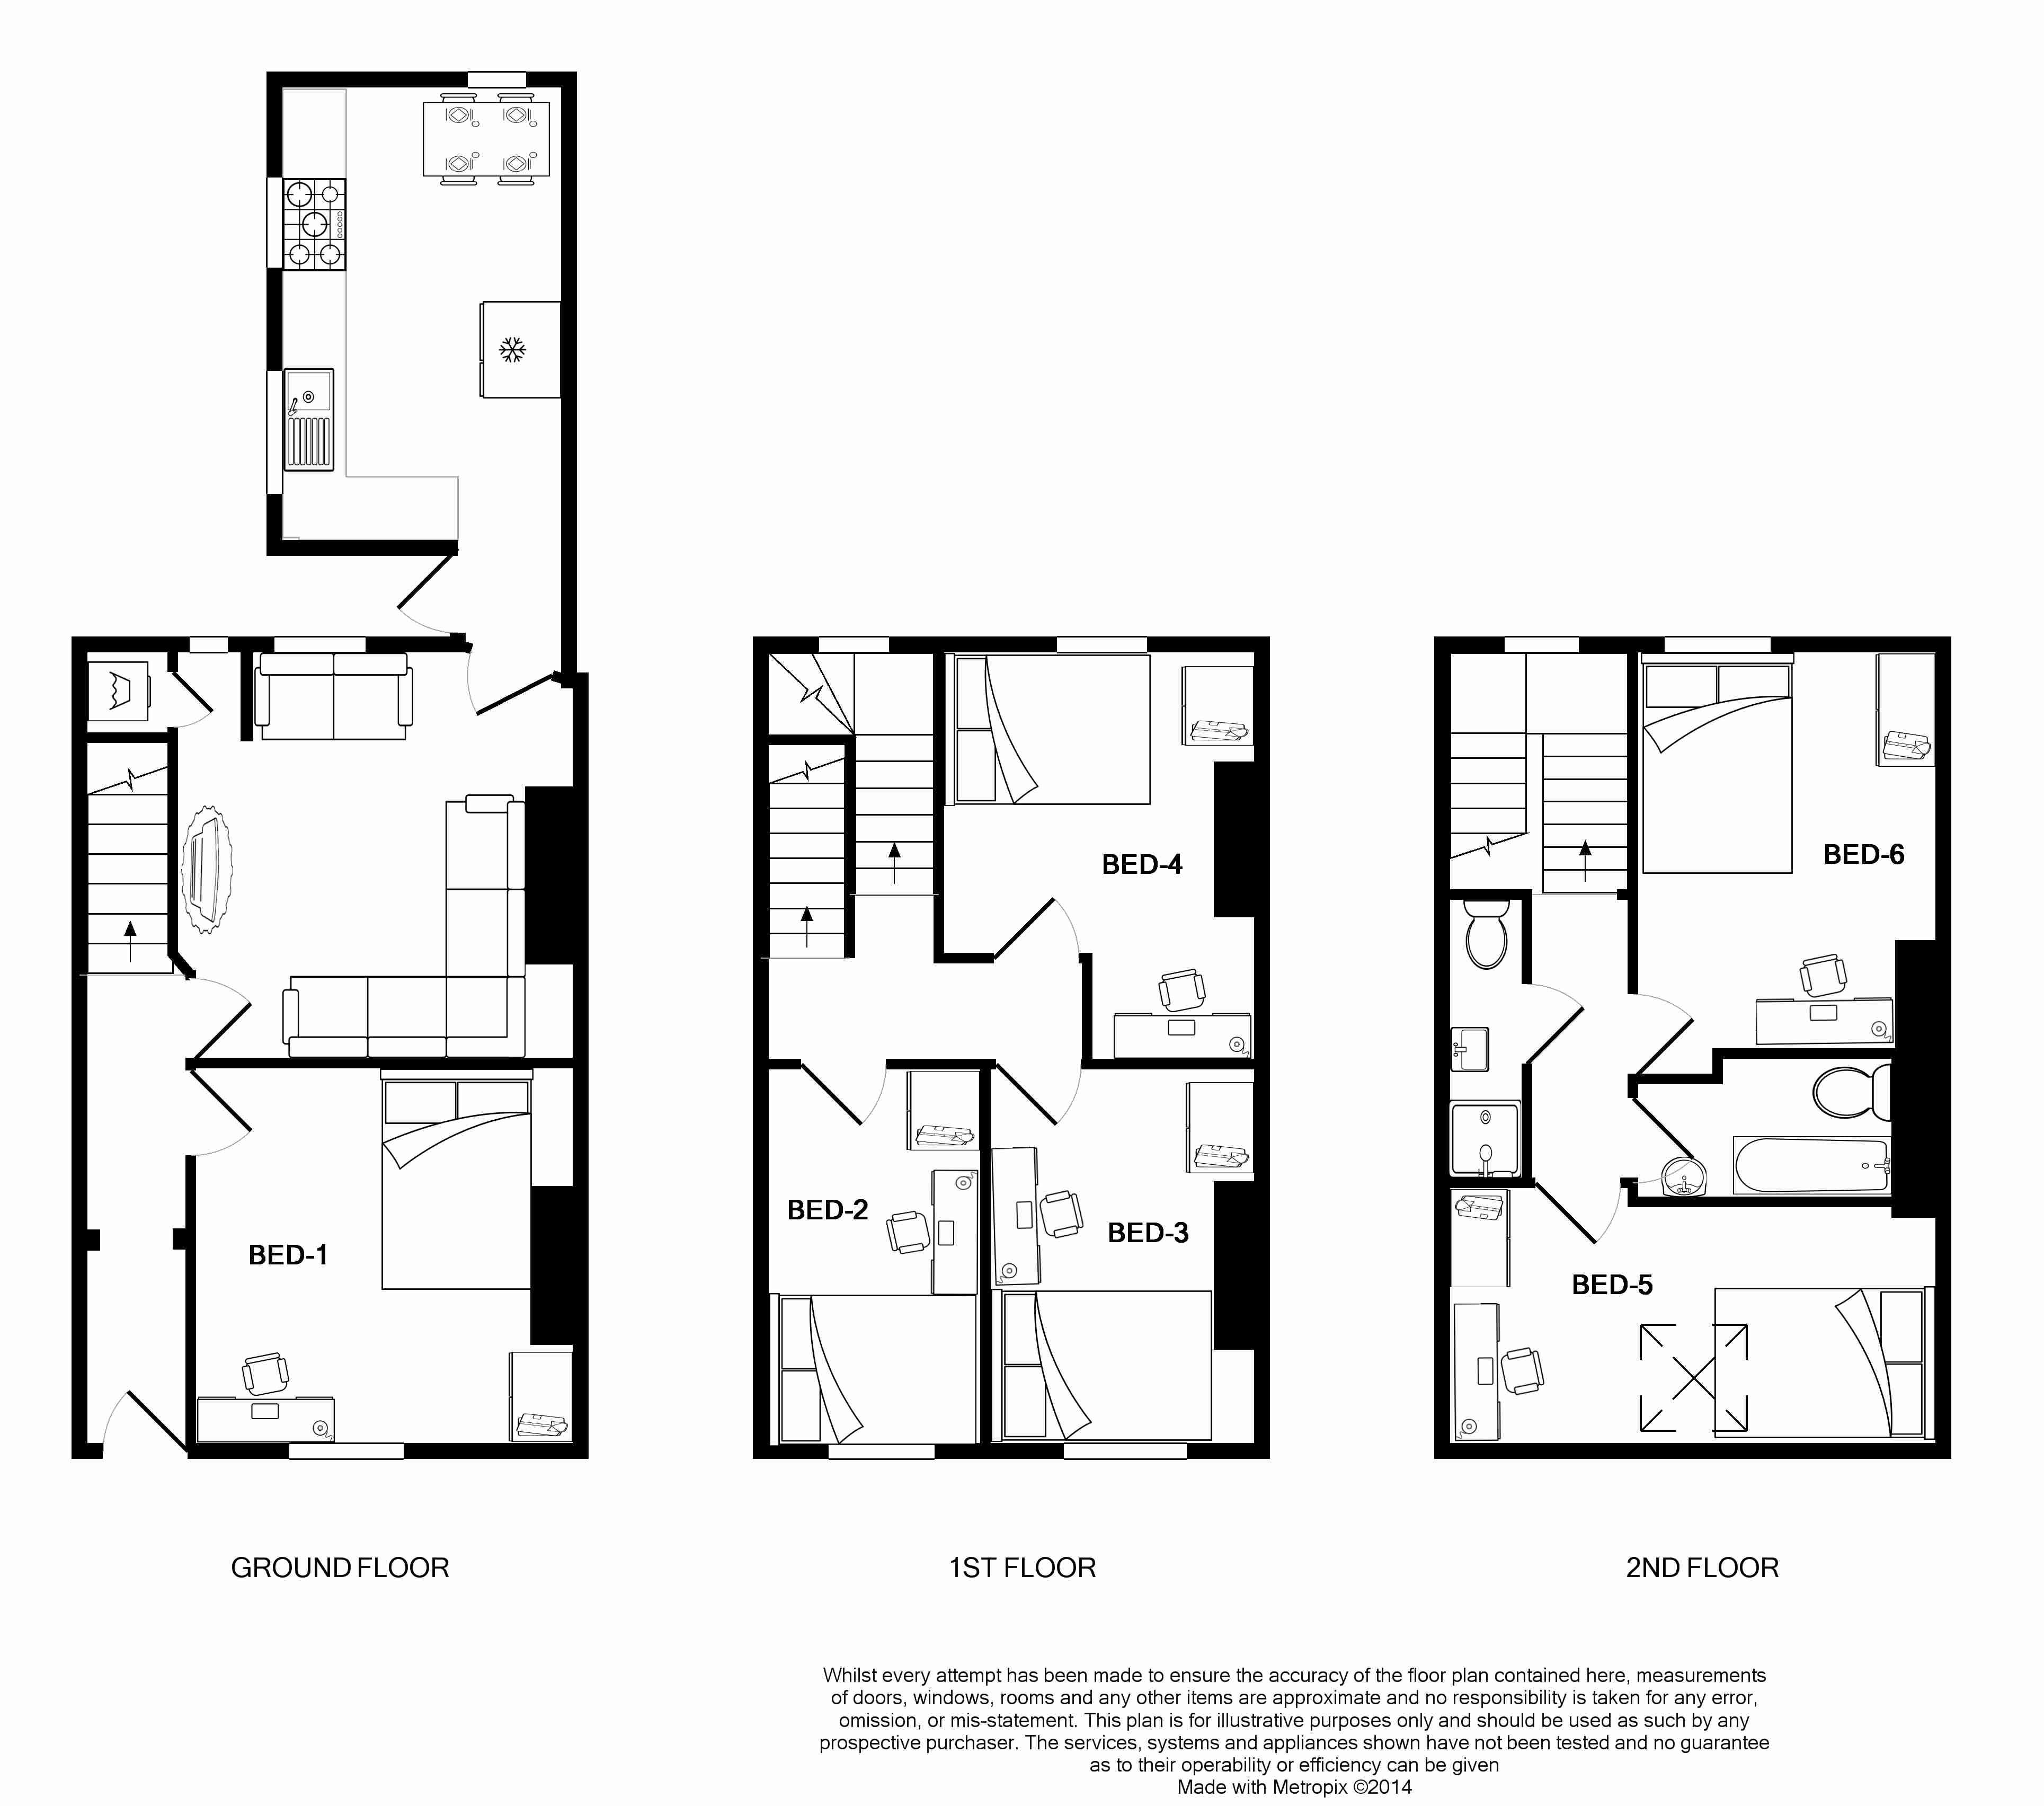 23 Victoria Street Floorplans